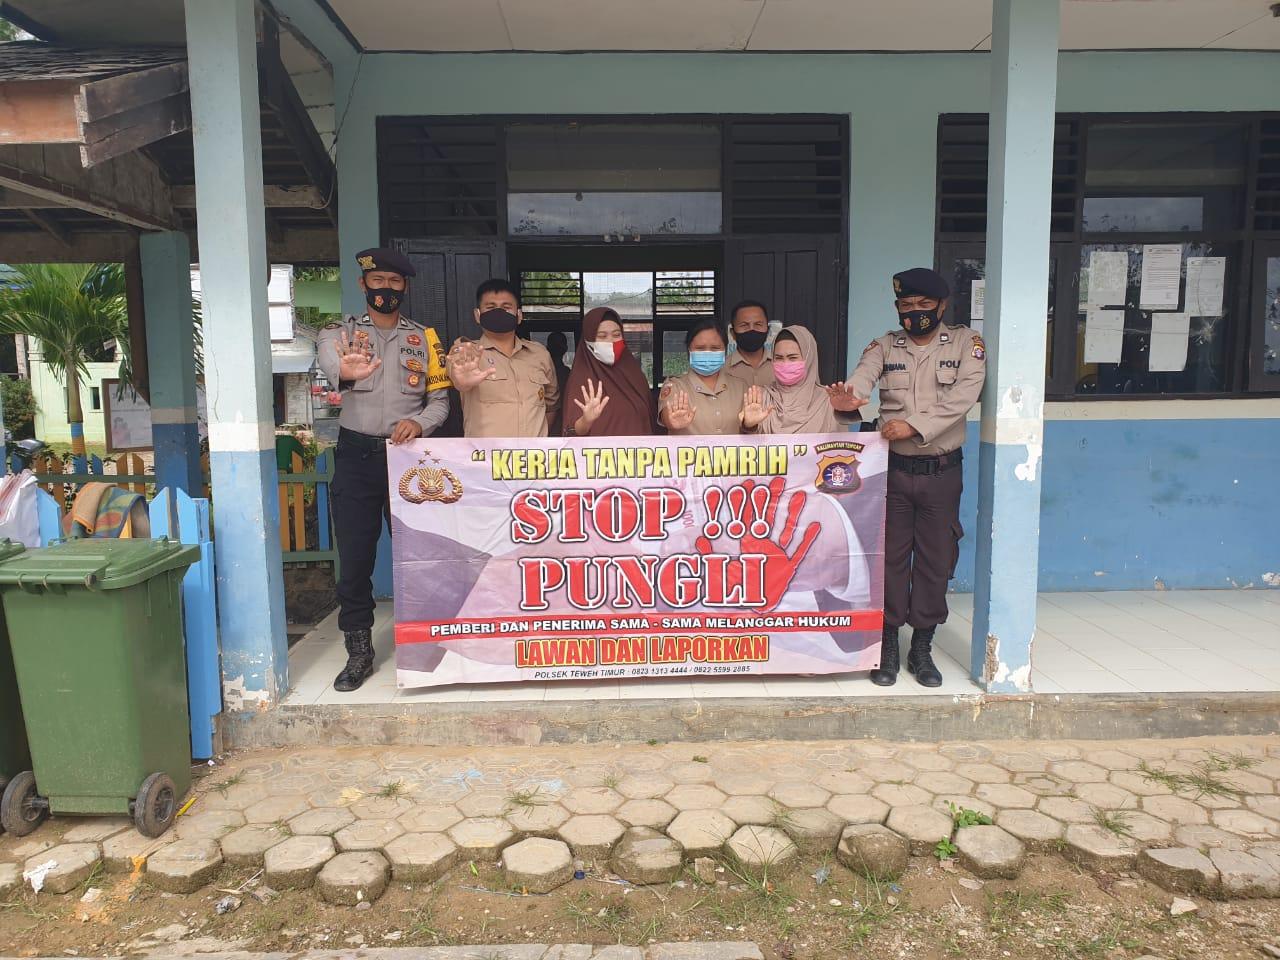 Antisipasi Pungli, Polsek Teweh Timur Sambangi SMPN 1 Teweh Timur